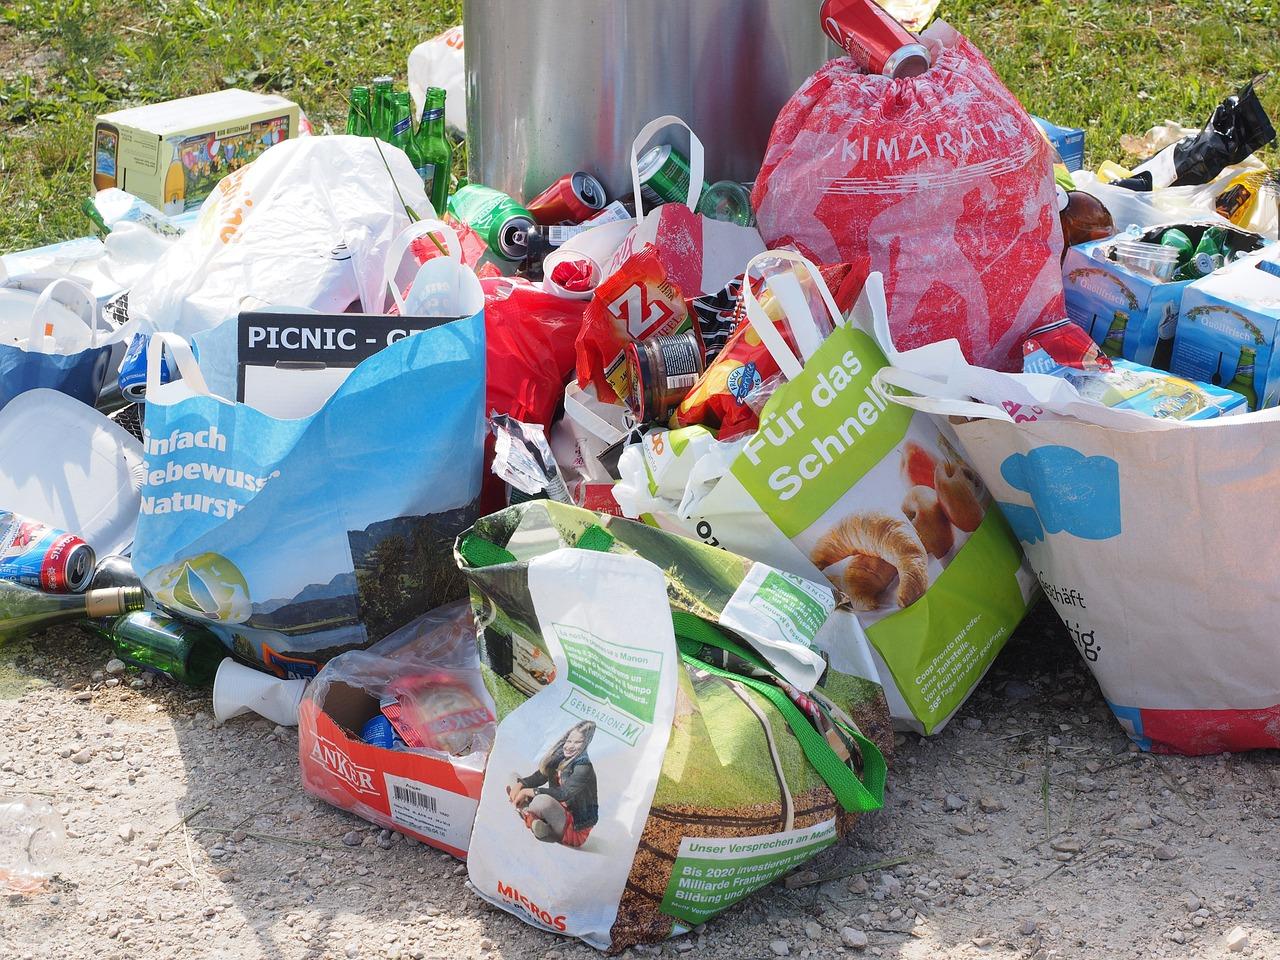 Comment faire pour réduire le gaspillage alimentaire?